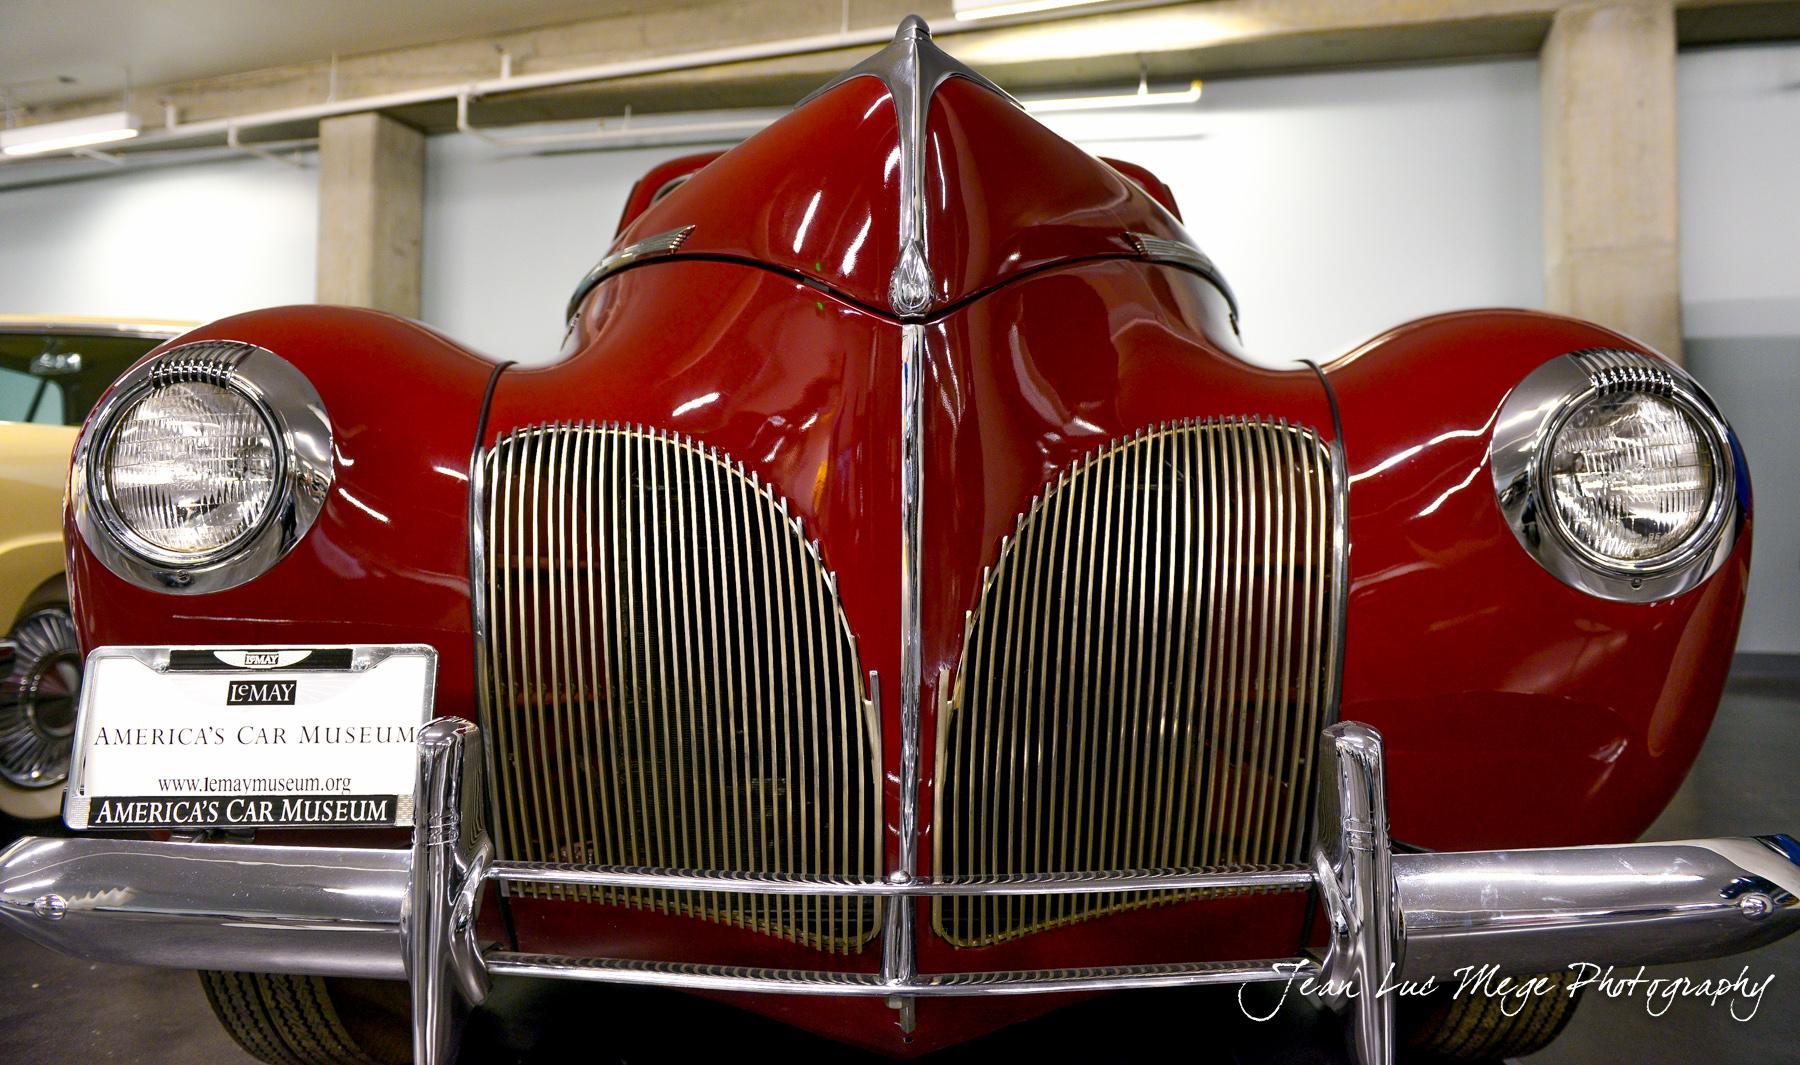 LeMay Car Museum-8362.jpg